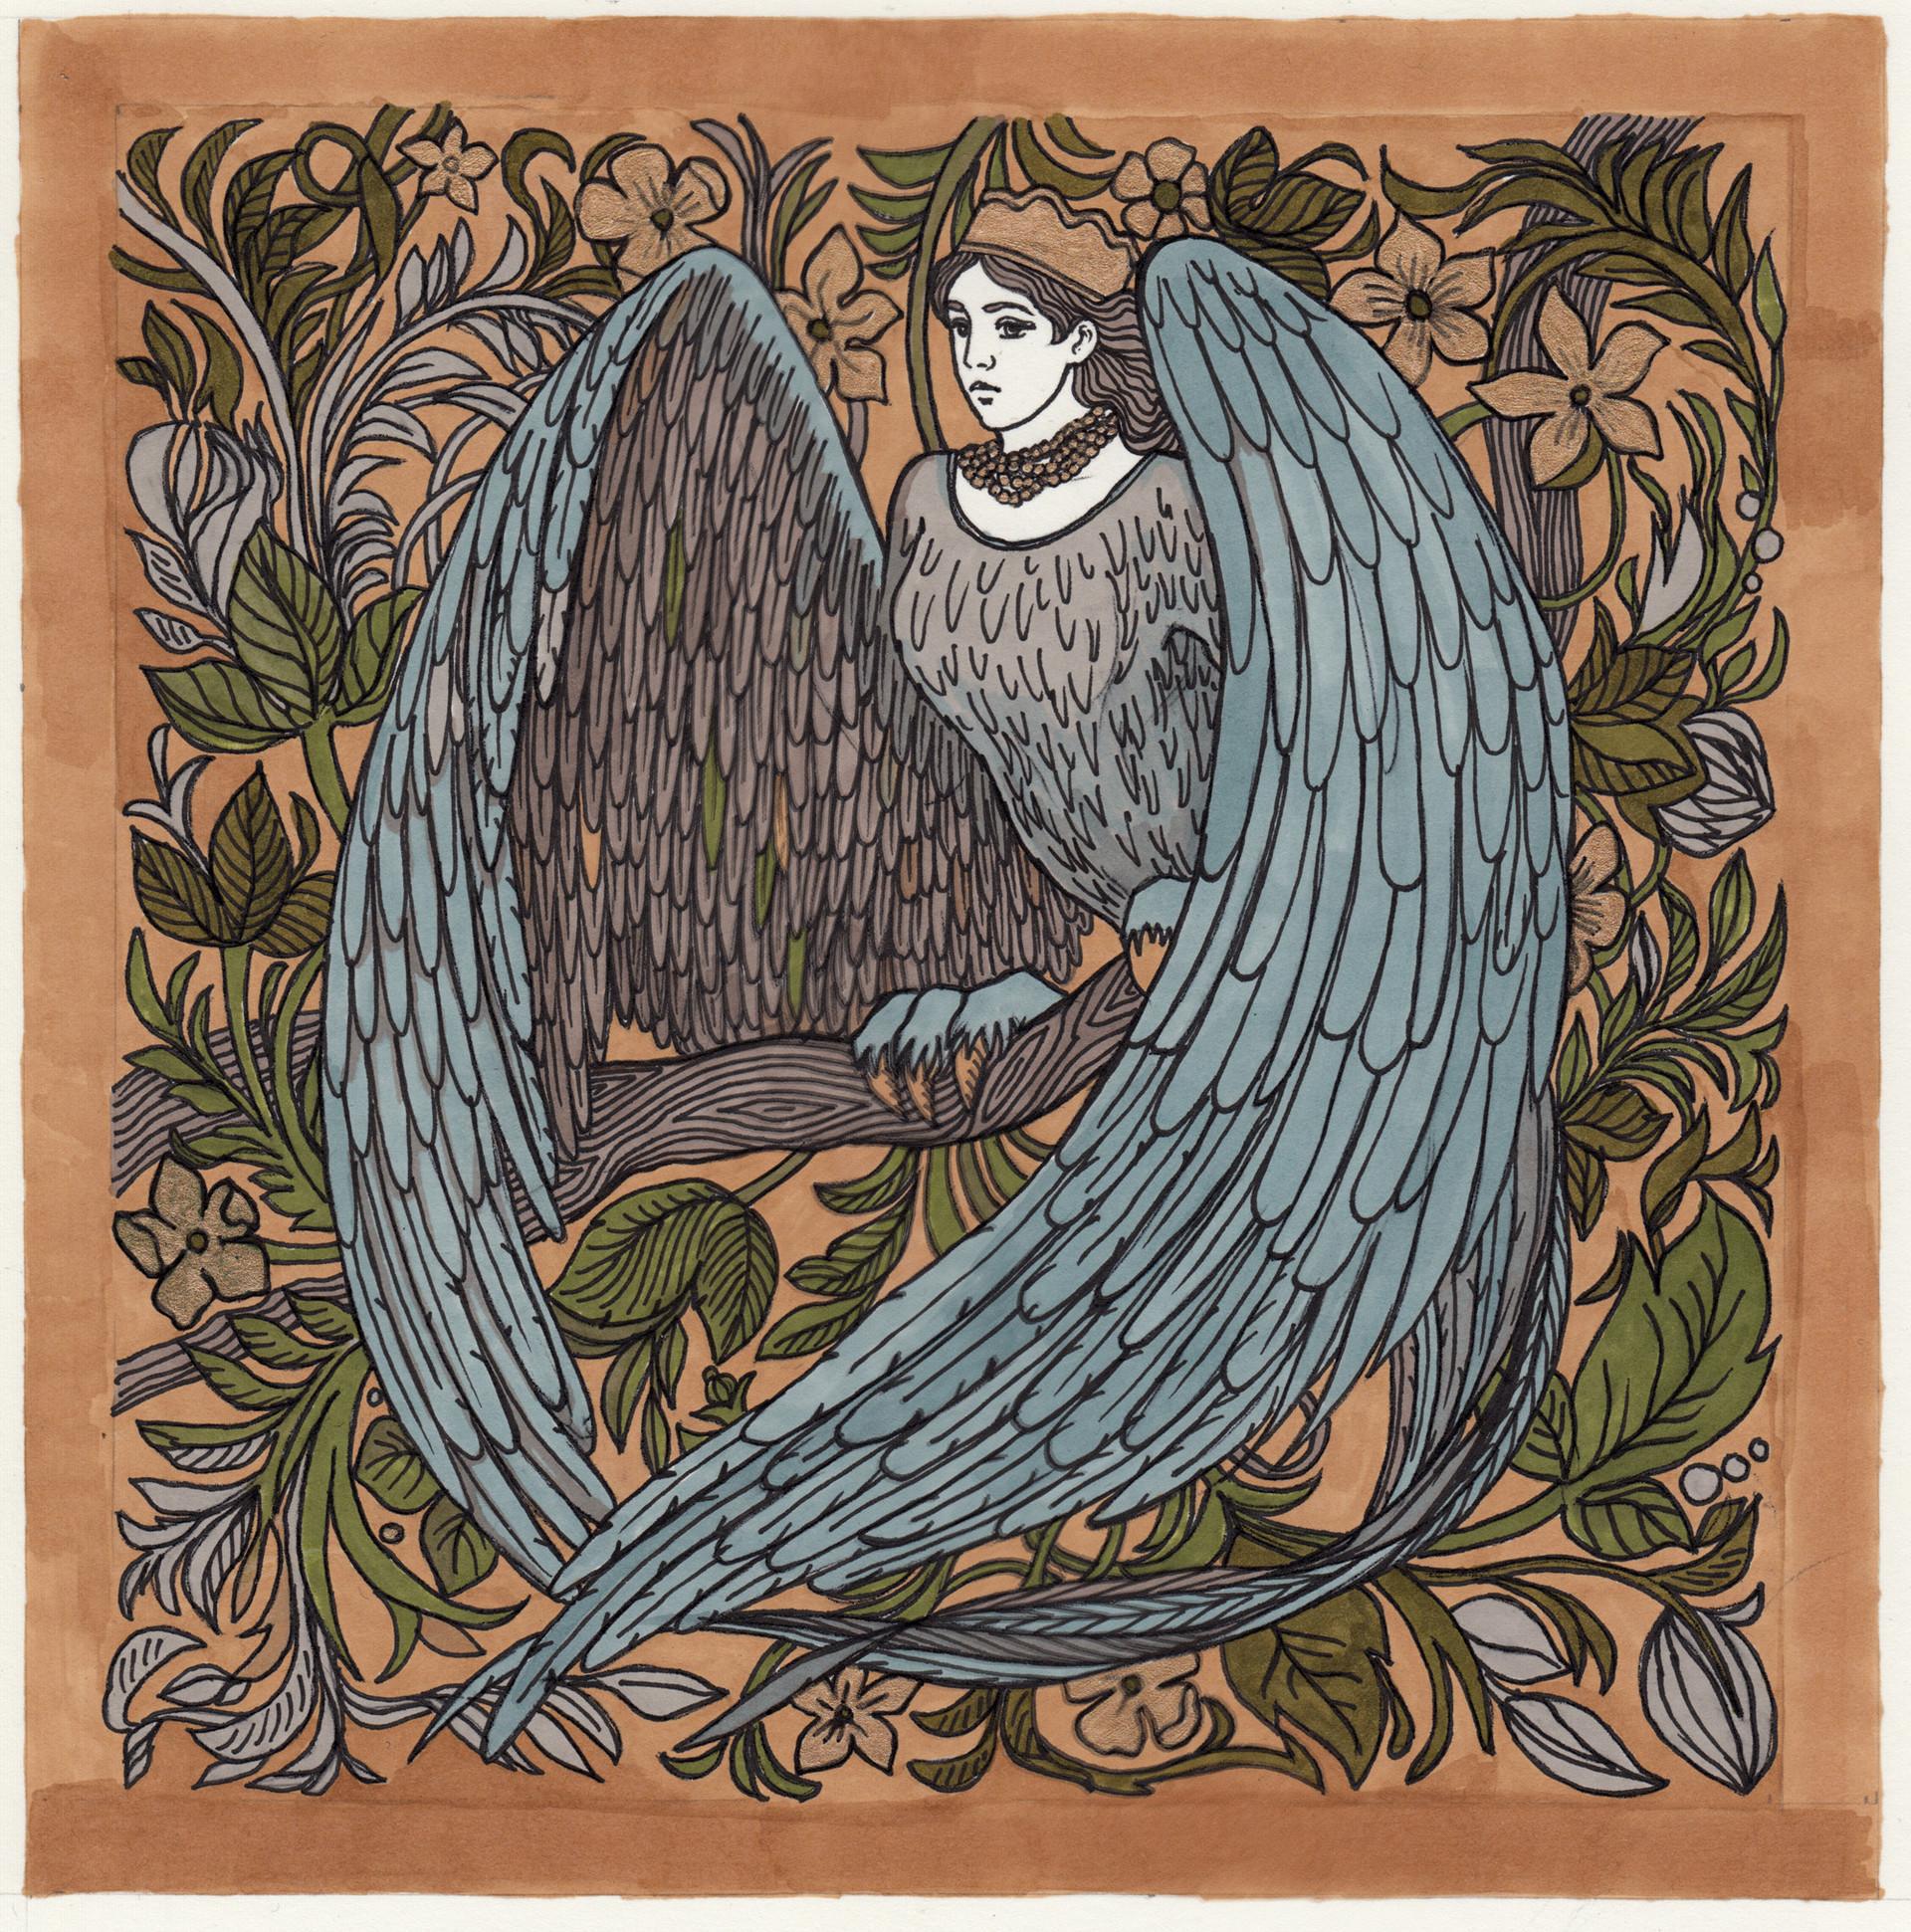 птица в славянской мифологии сирин картинка нашей